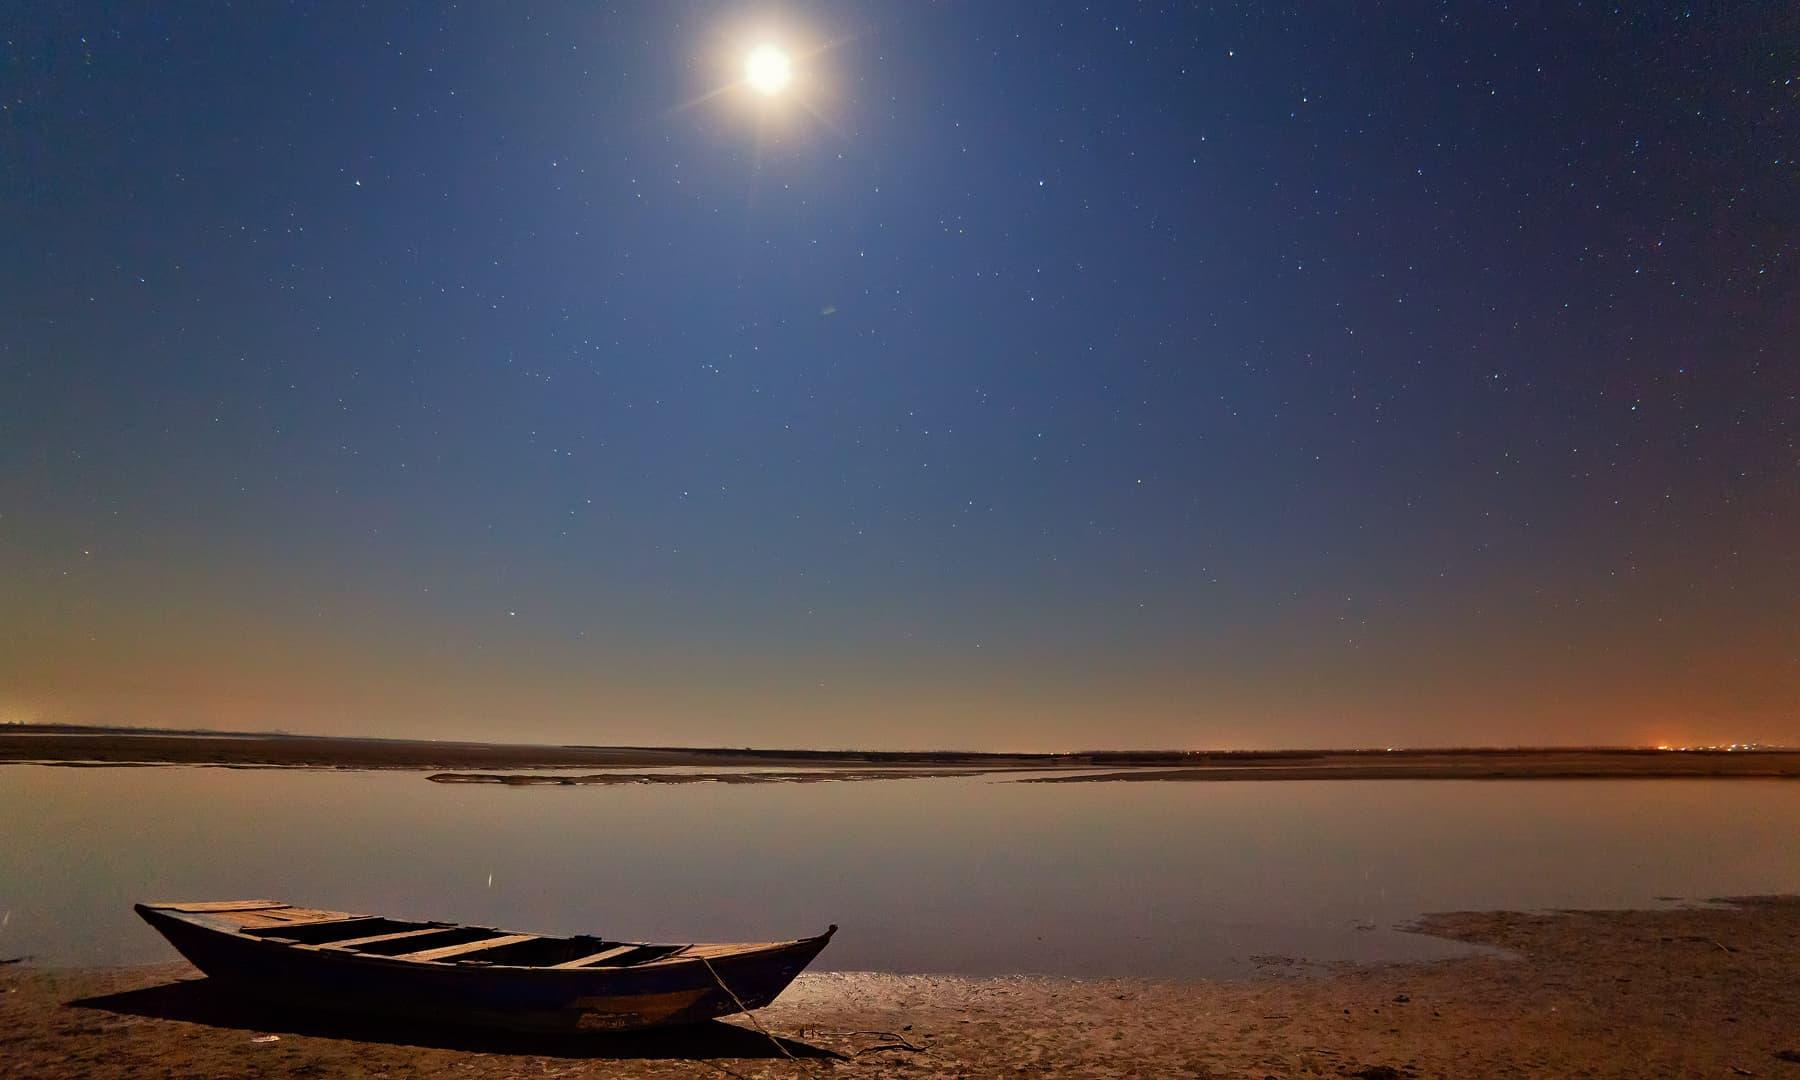 دریائے چناب پر آدھی رات.— فوٹو سید مہدی بخاری۔